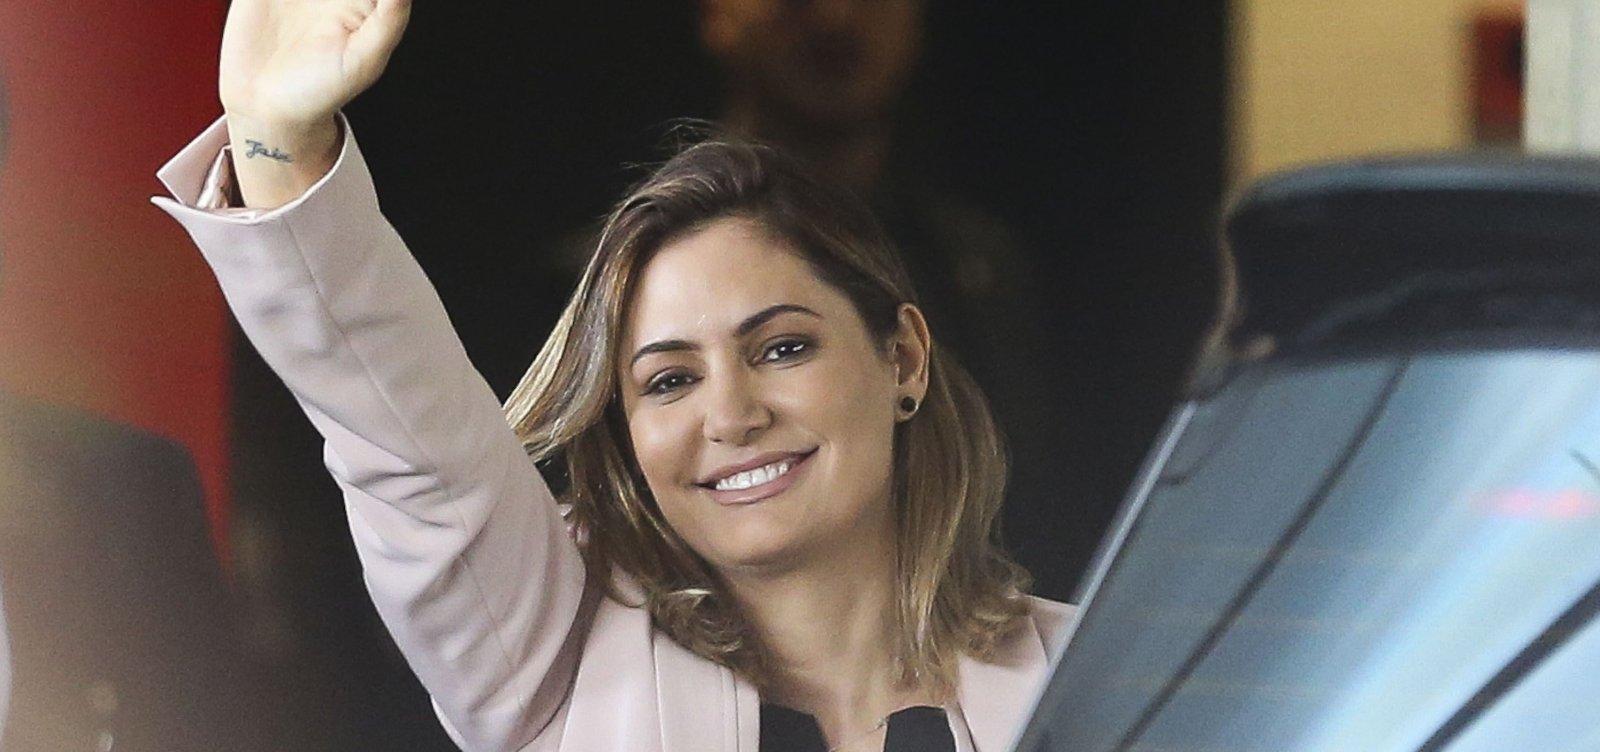 [Esposa classifica Bolsonaro: 'Um príncipe']